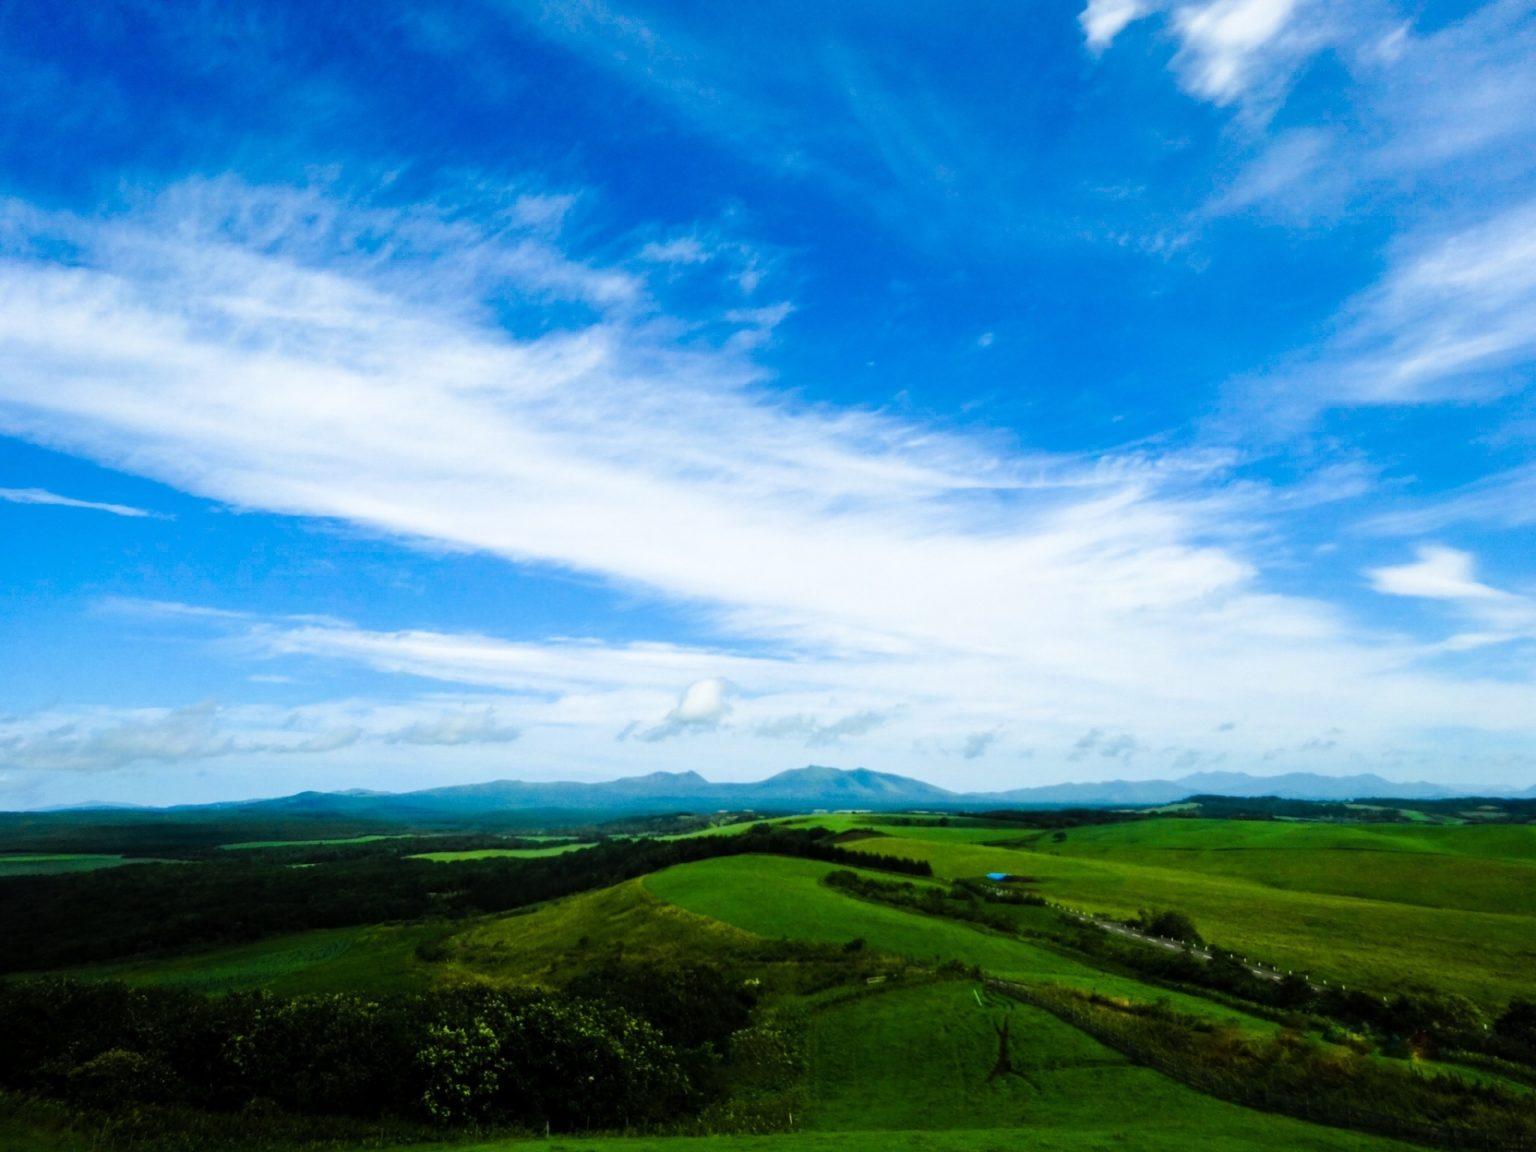 北海道の地平線が見えるキャンプ場の空